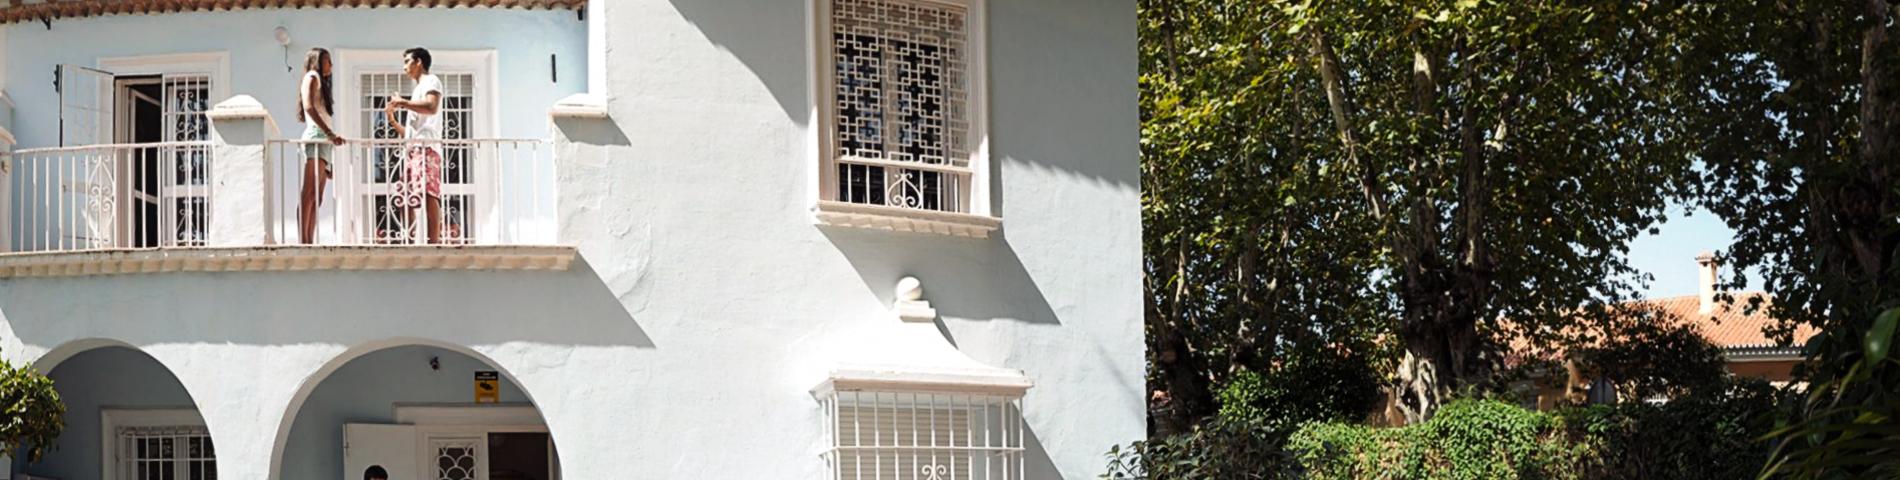 Cervantes Escuela Internacional画像1